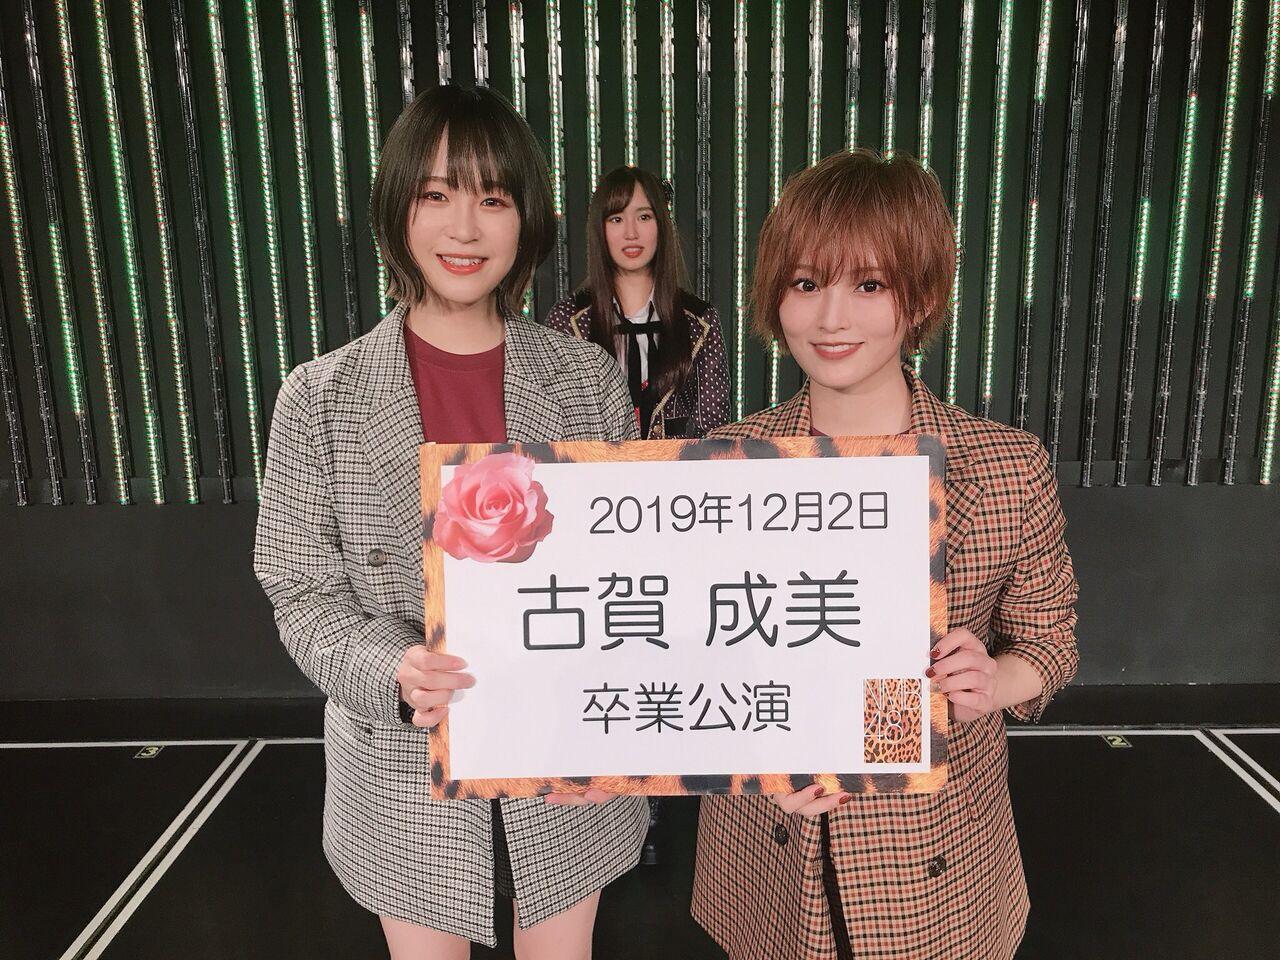 【速報】NMB 古賀成美卒業公演にヴァタ子さん登場wwwwww